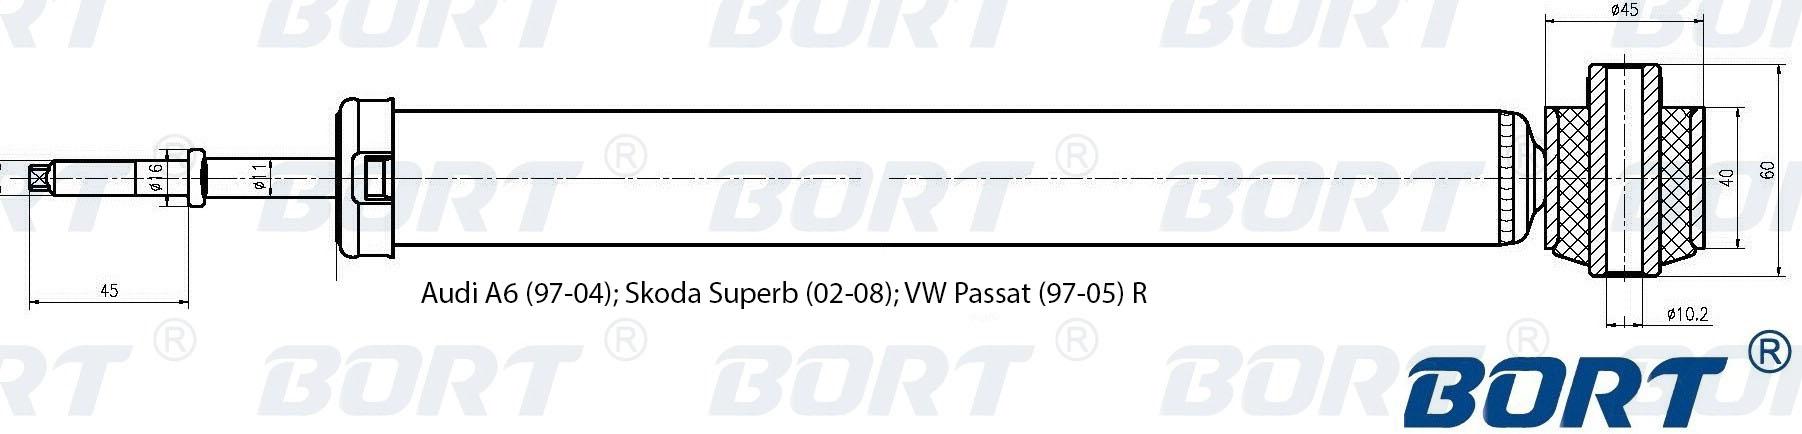 Амортизатор газомасляный задний. BORT (G41138004)